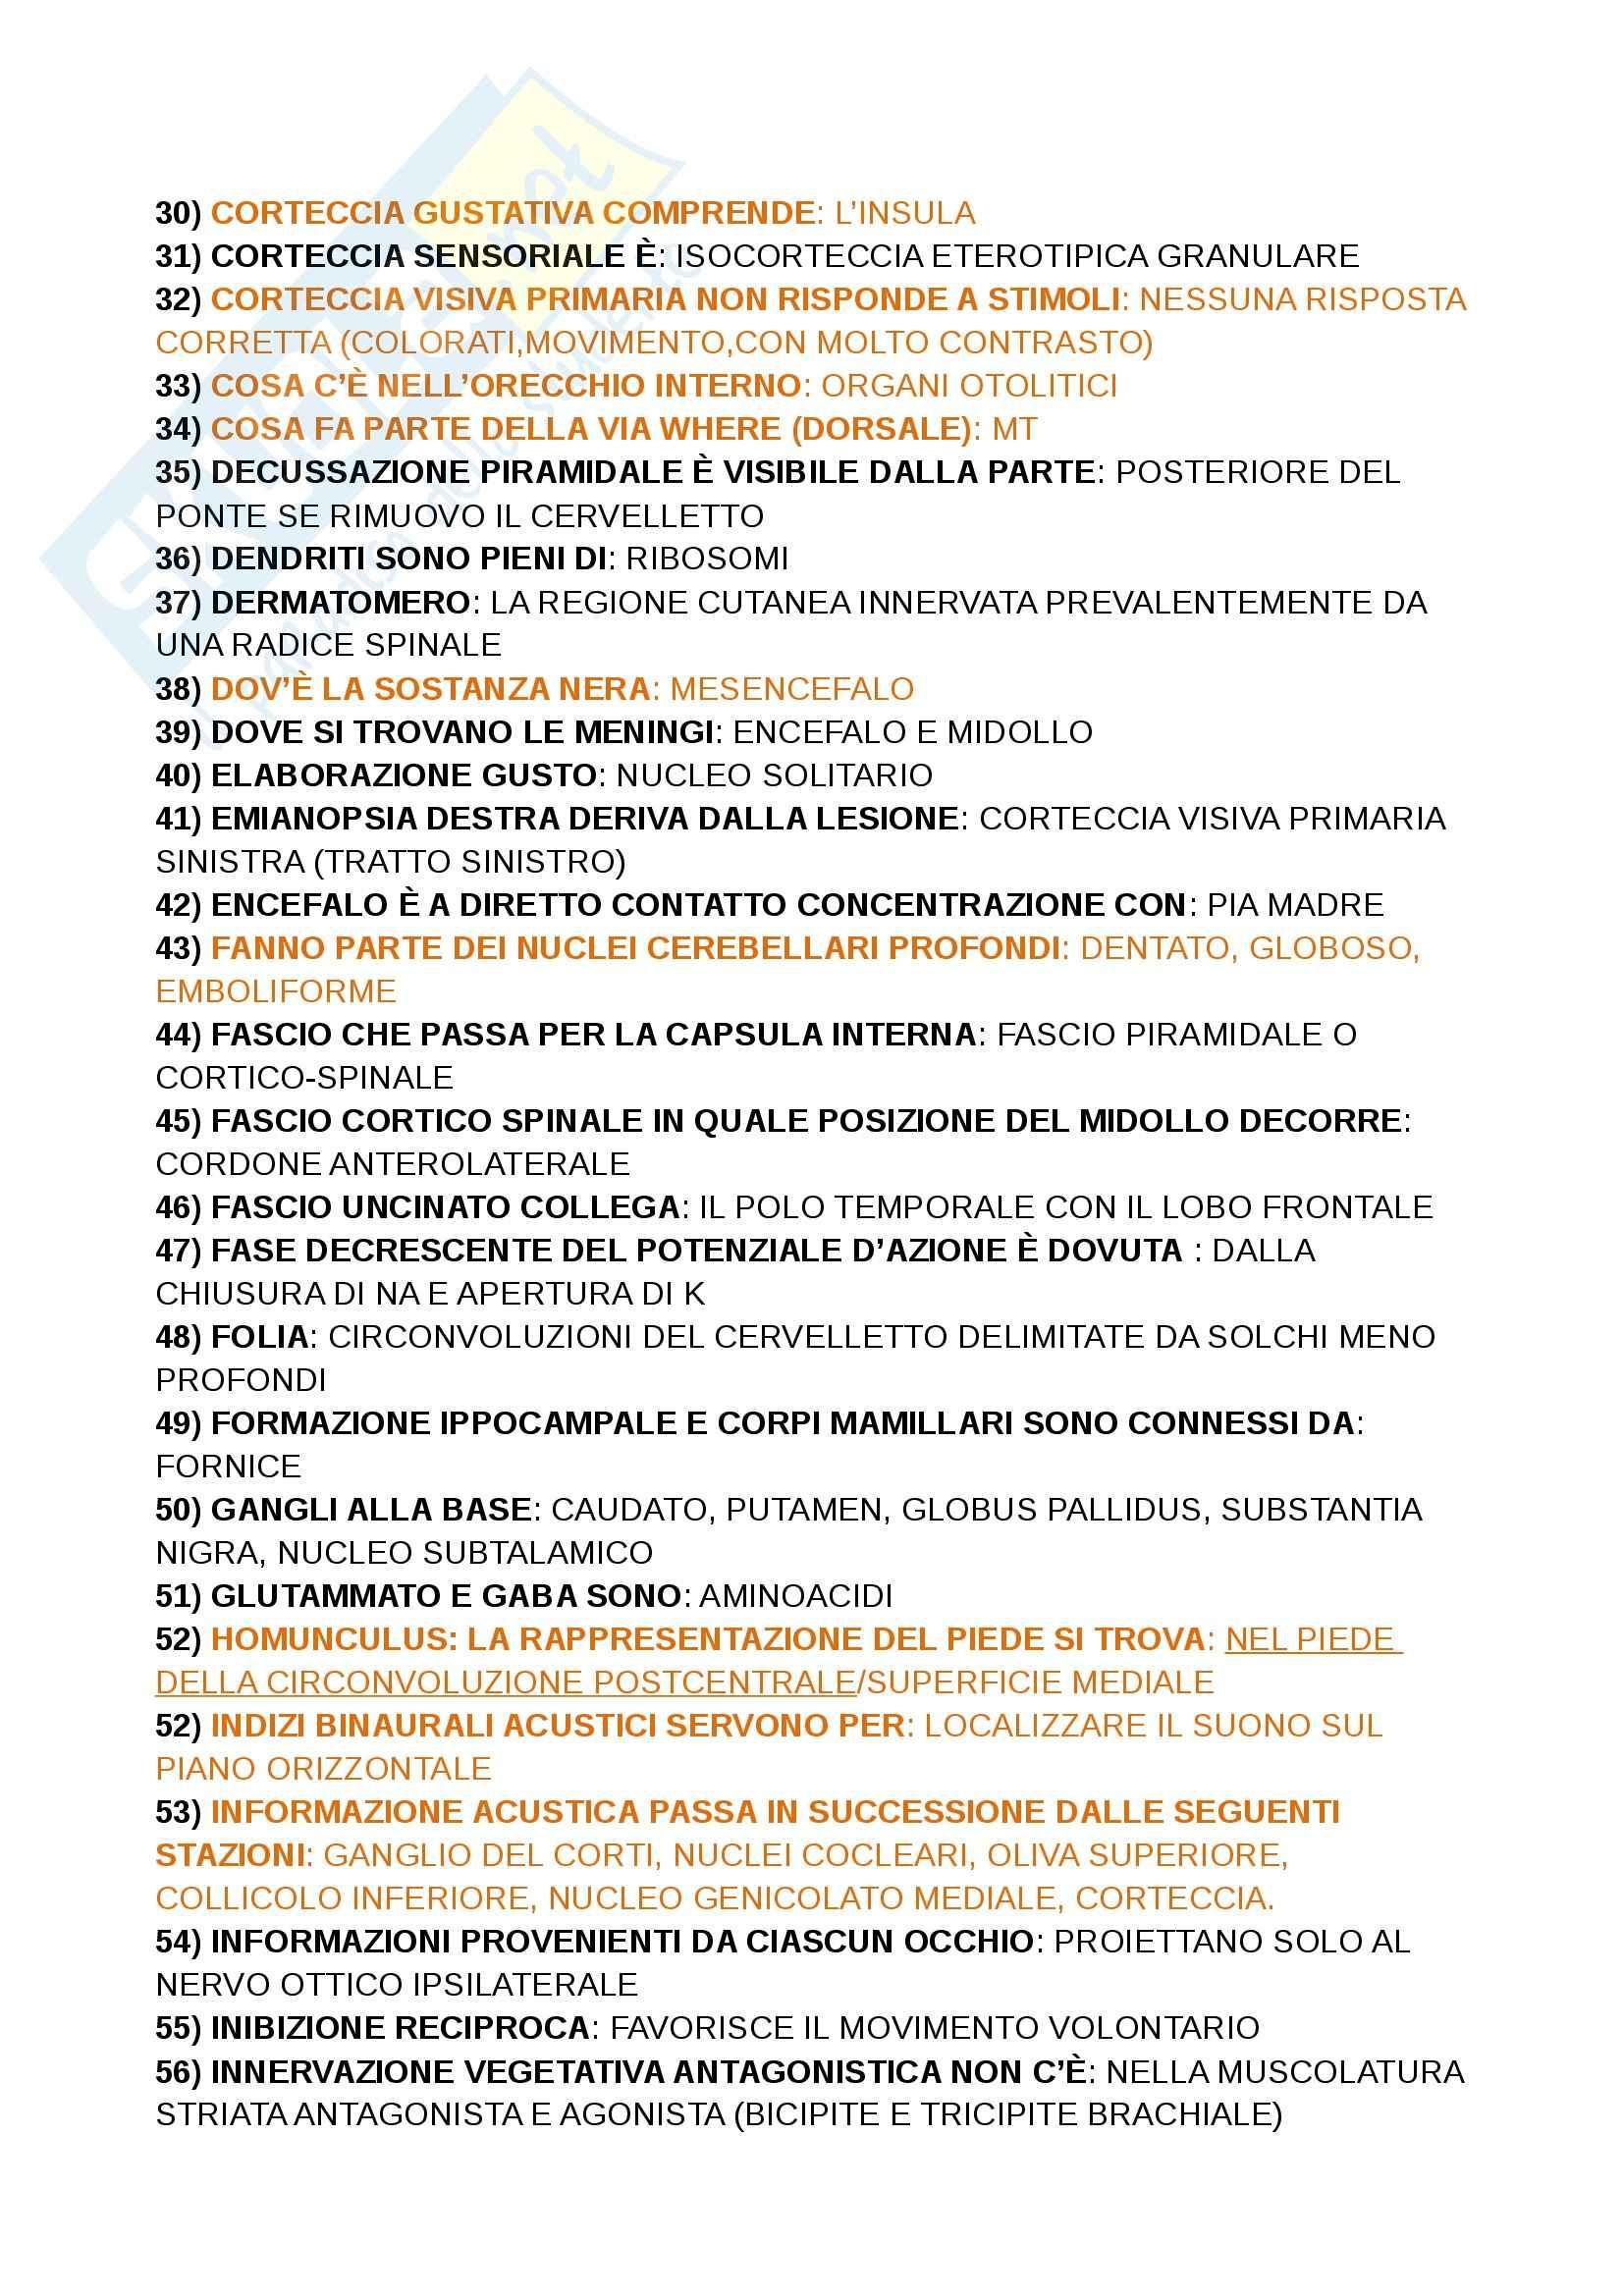 Domande crocette, Paulesu, fondamenti anatomo fisiologici dell'attività psichica Pag. 2